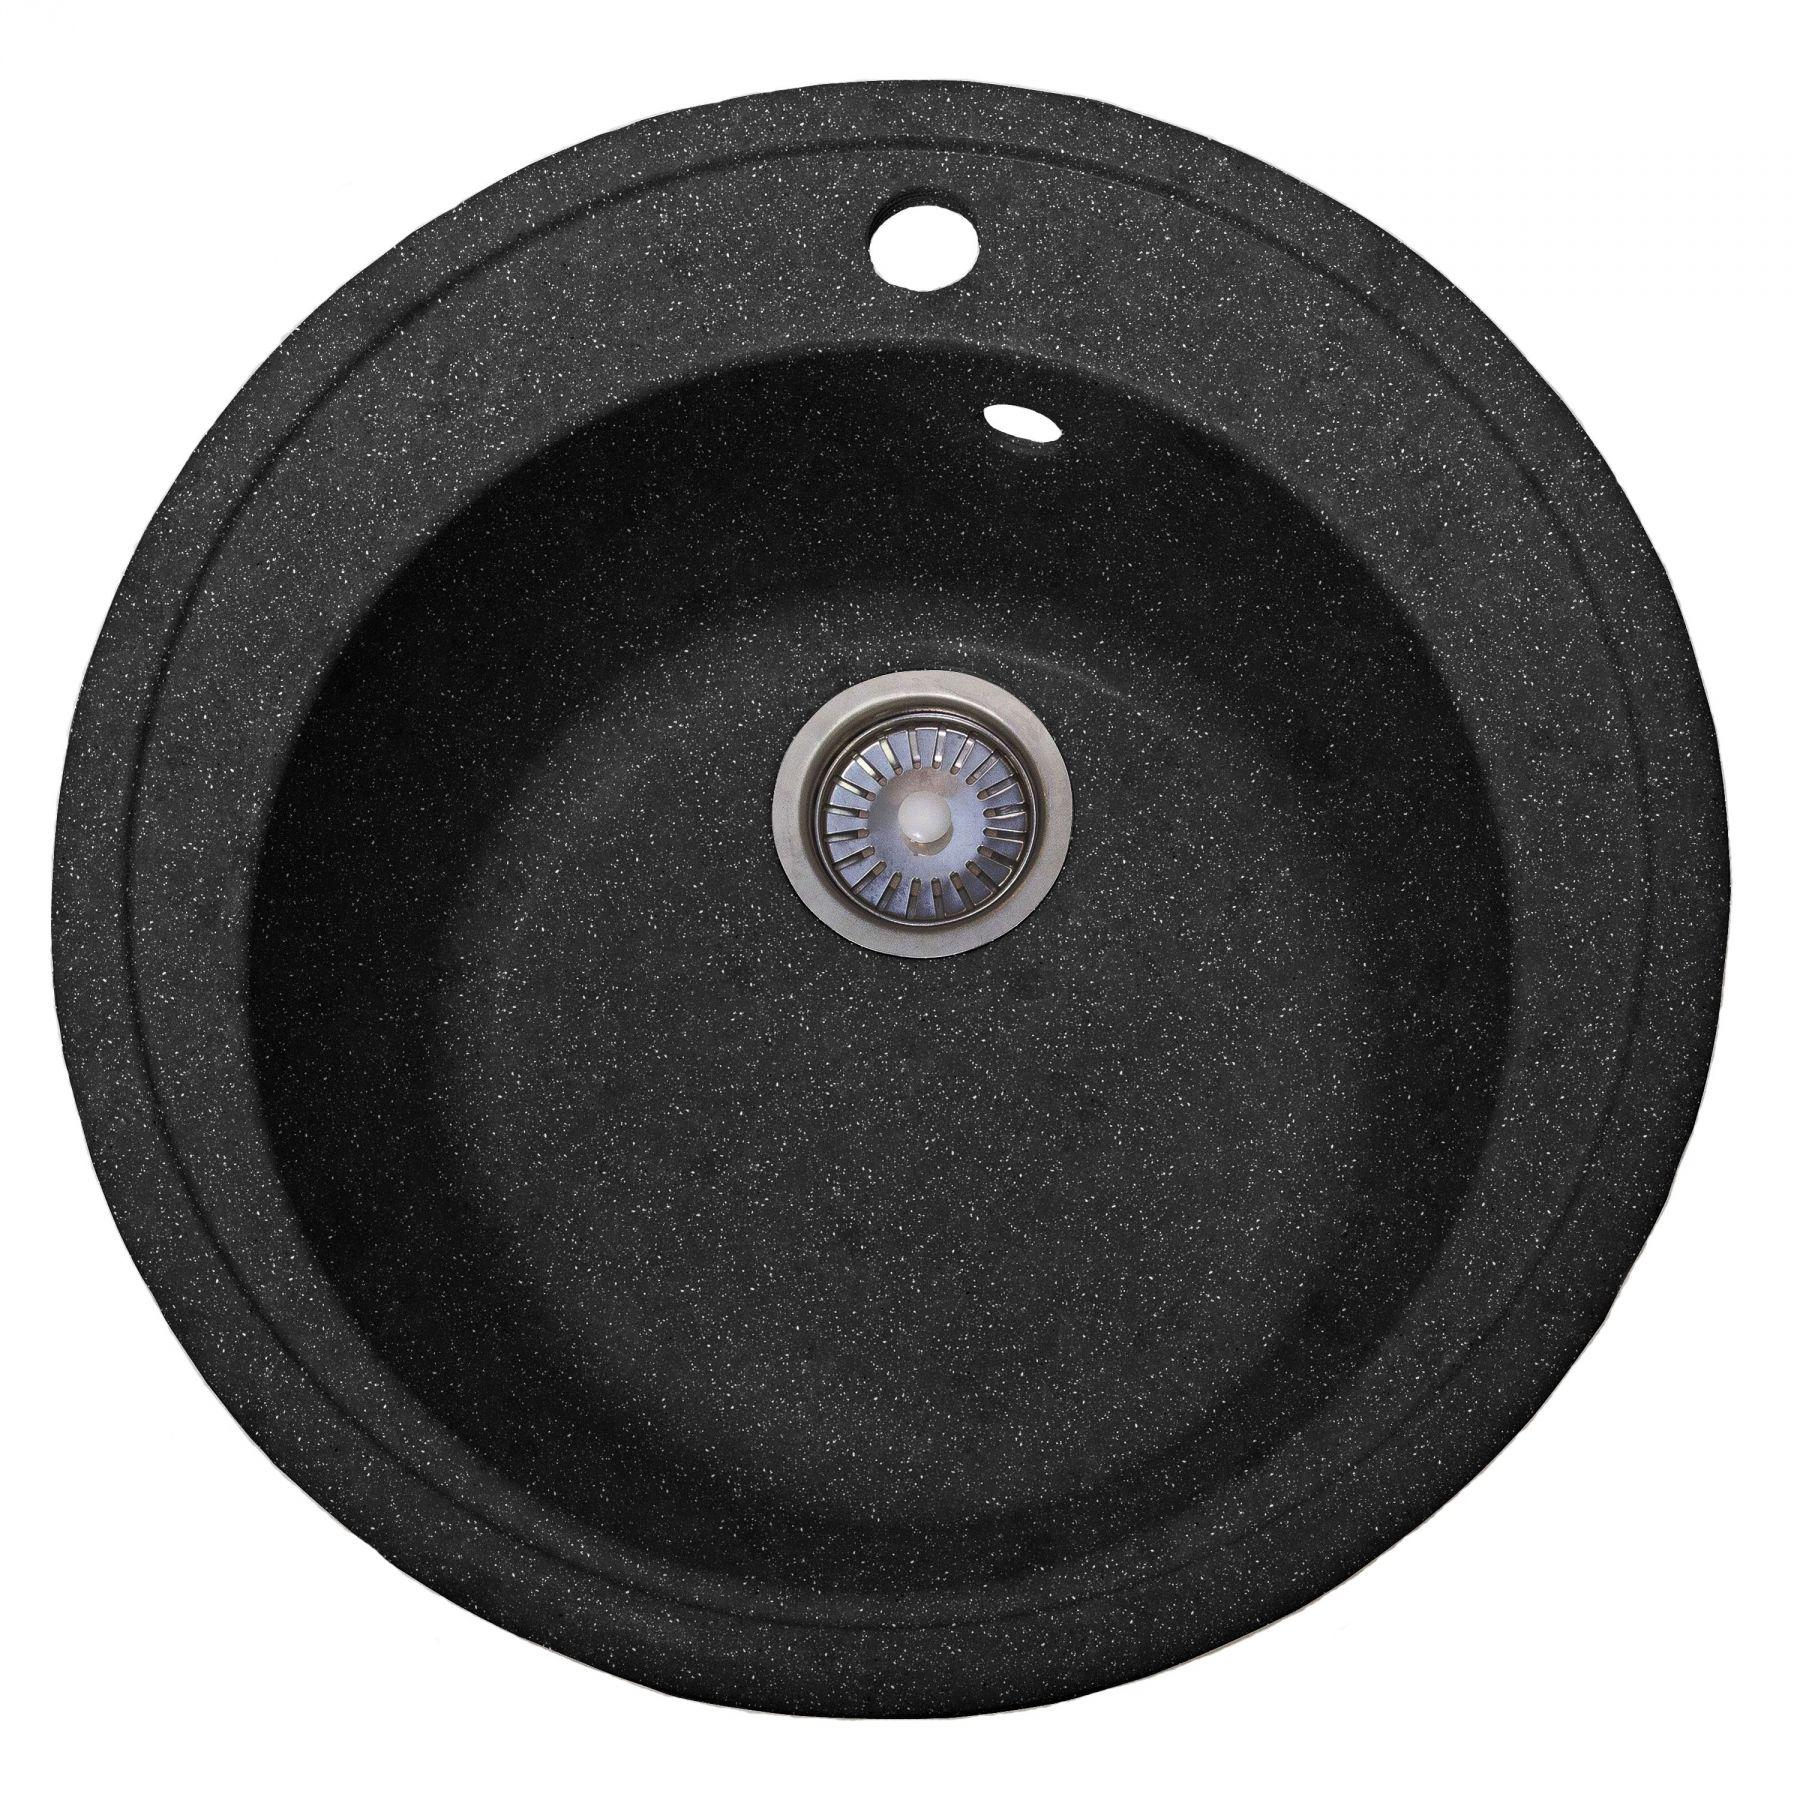 Мойка каменная S-1 круглая (асфальт) (д490гл чаши185 уст проем 470)